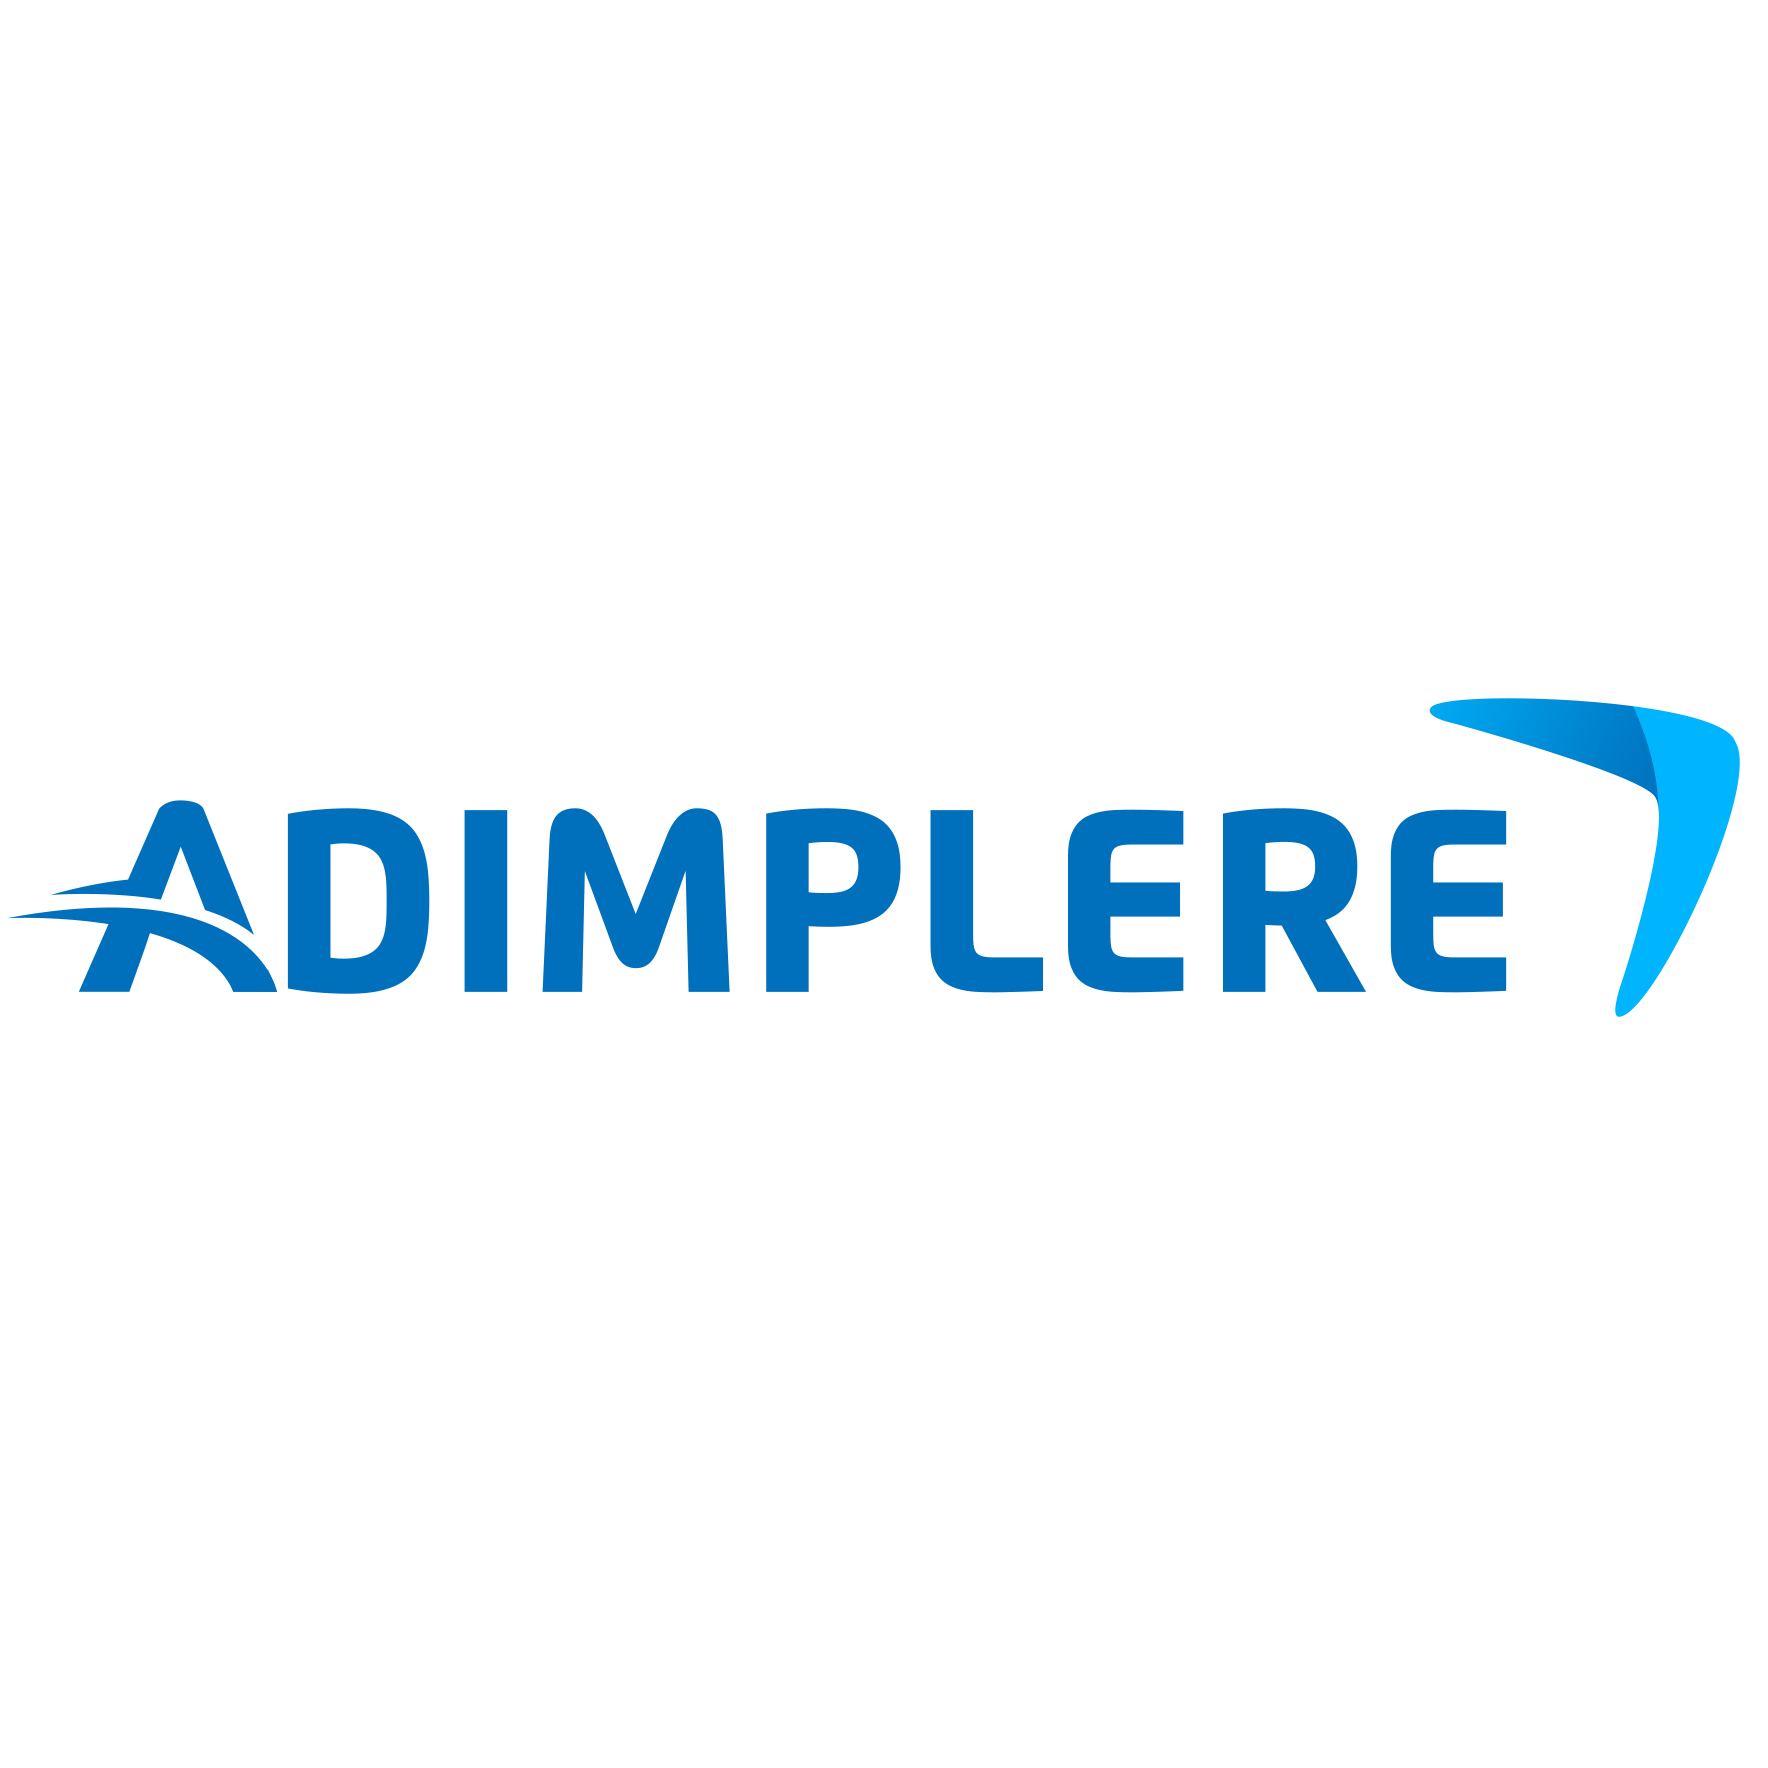 Adimplere